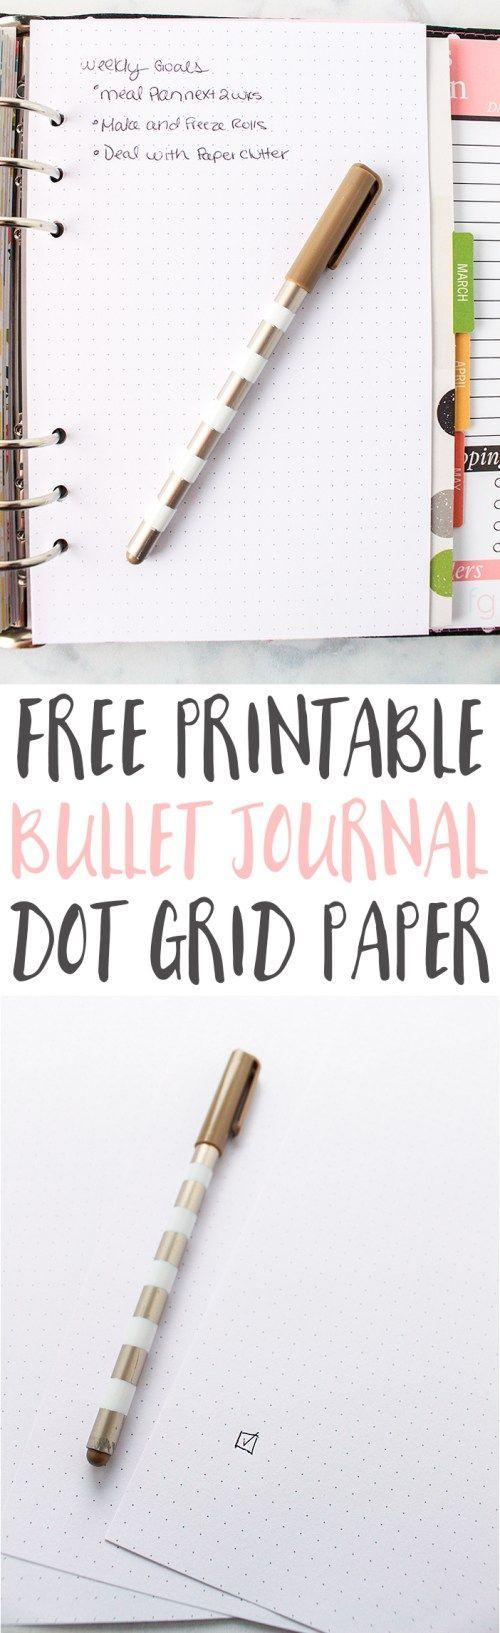 bullet journal ideas bullet journaling bullet journal printables